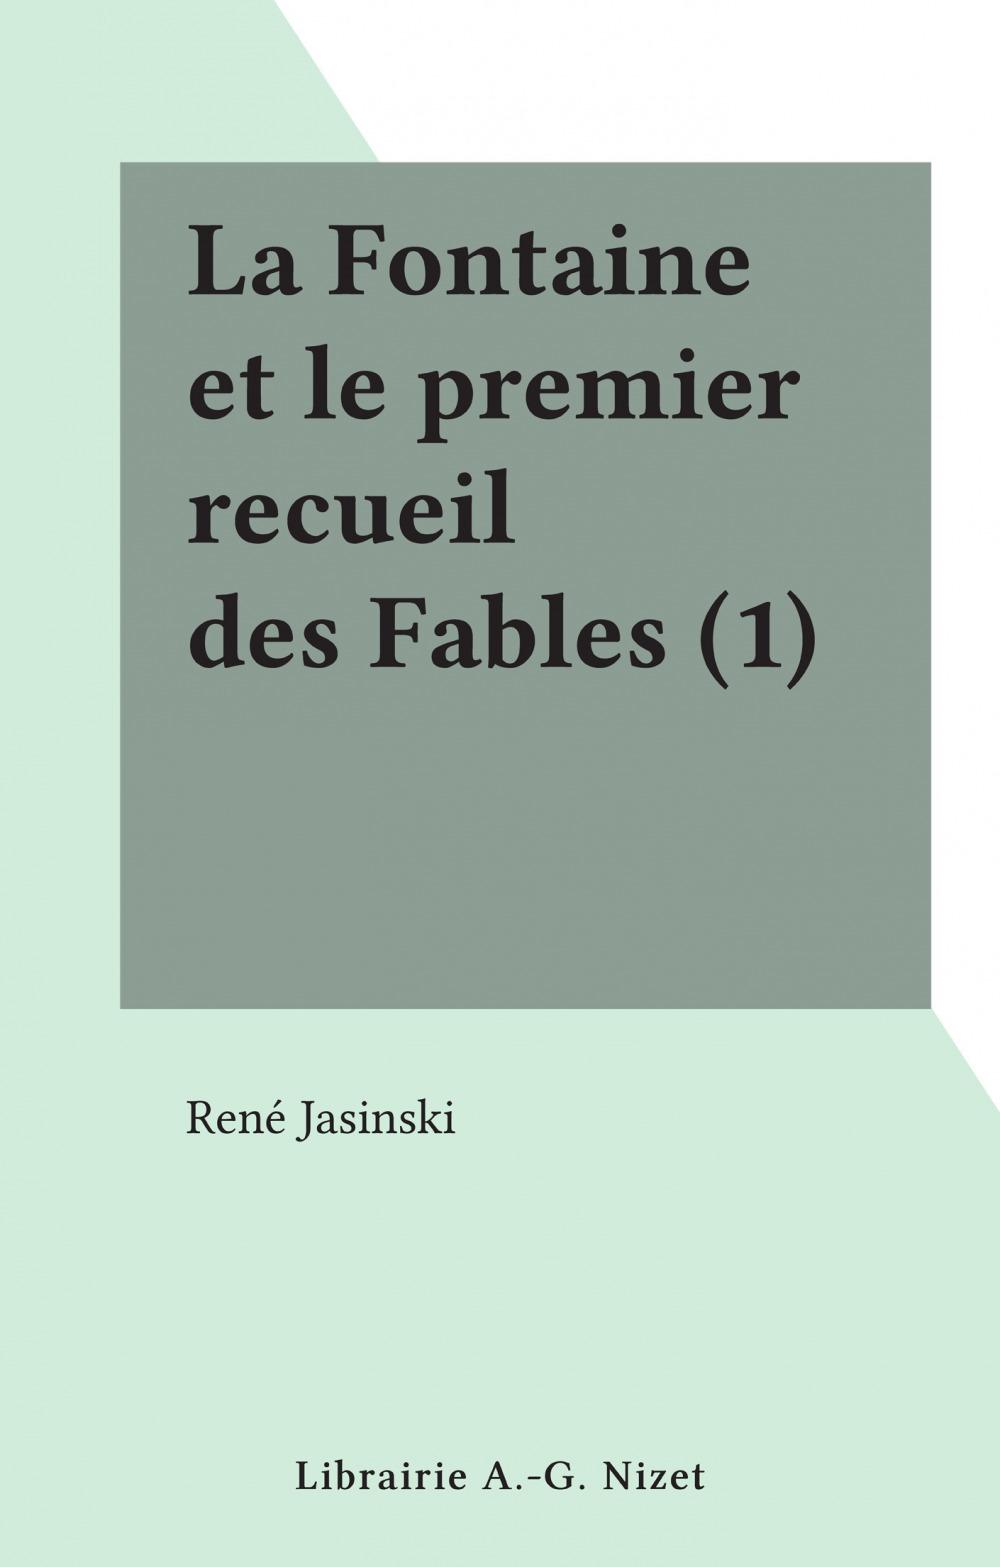 La Fontaine et le premier recueil des Fables (1)